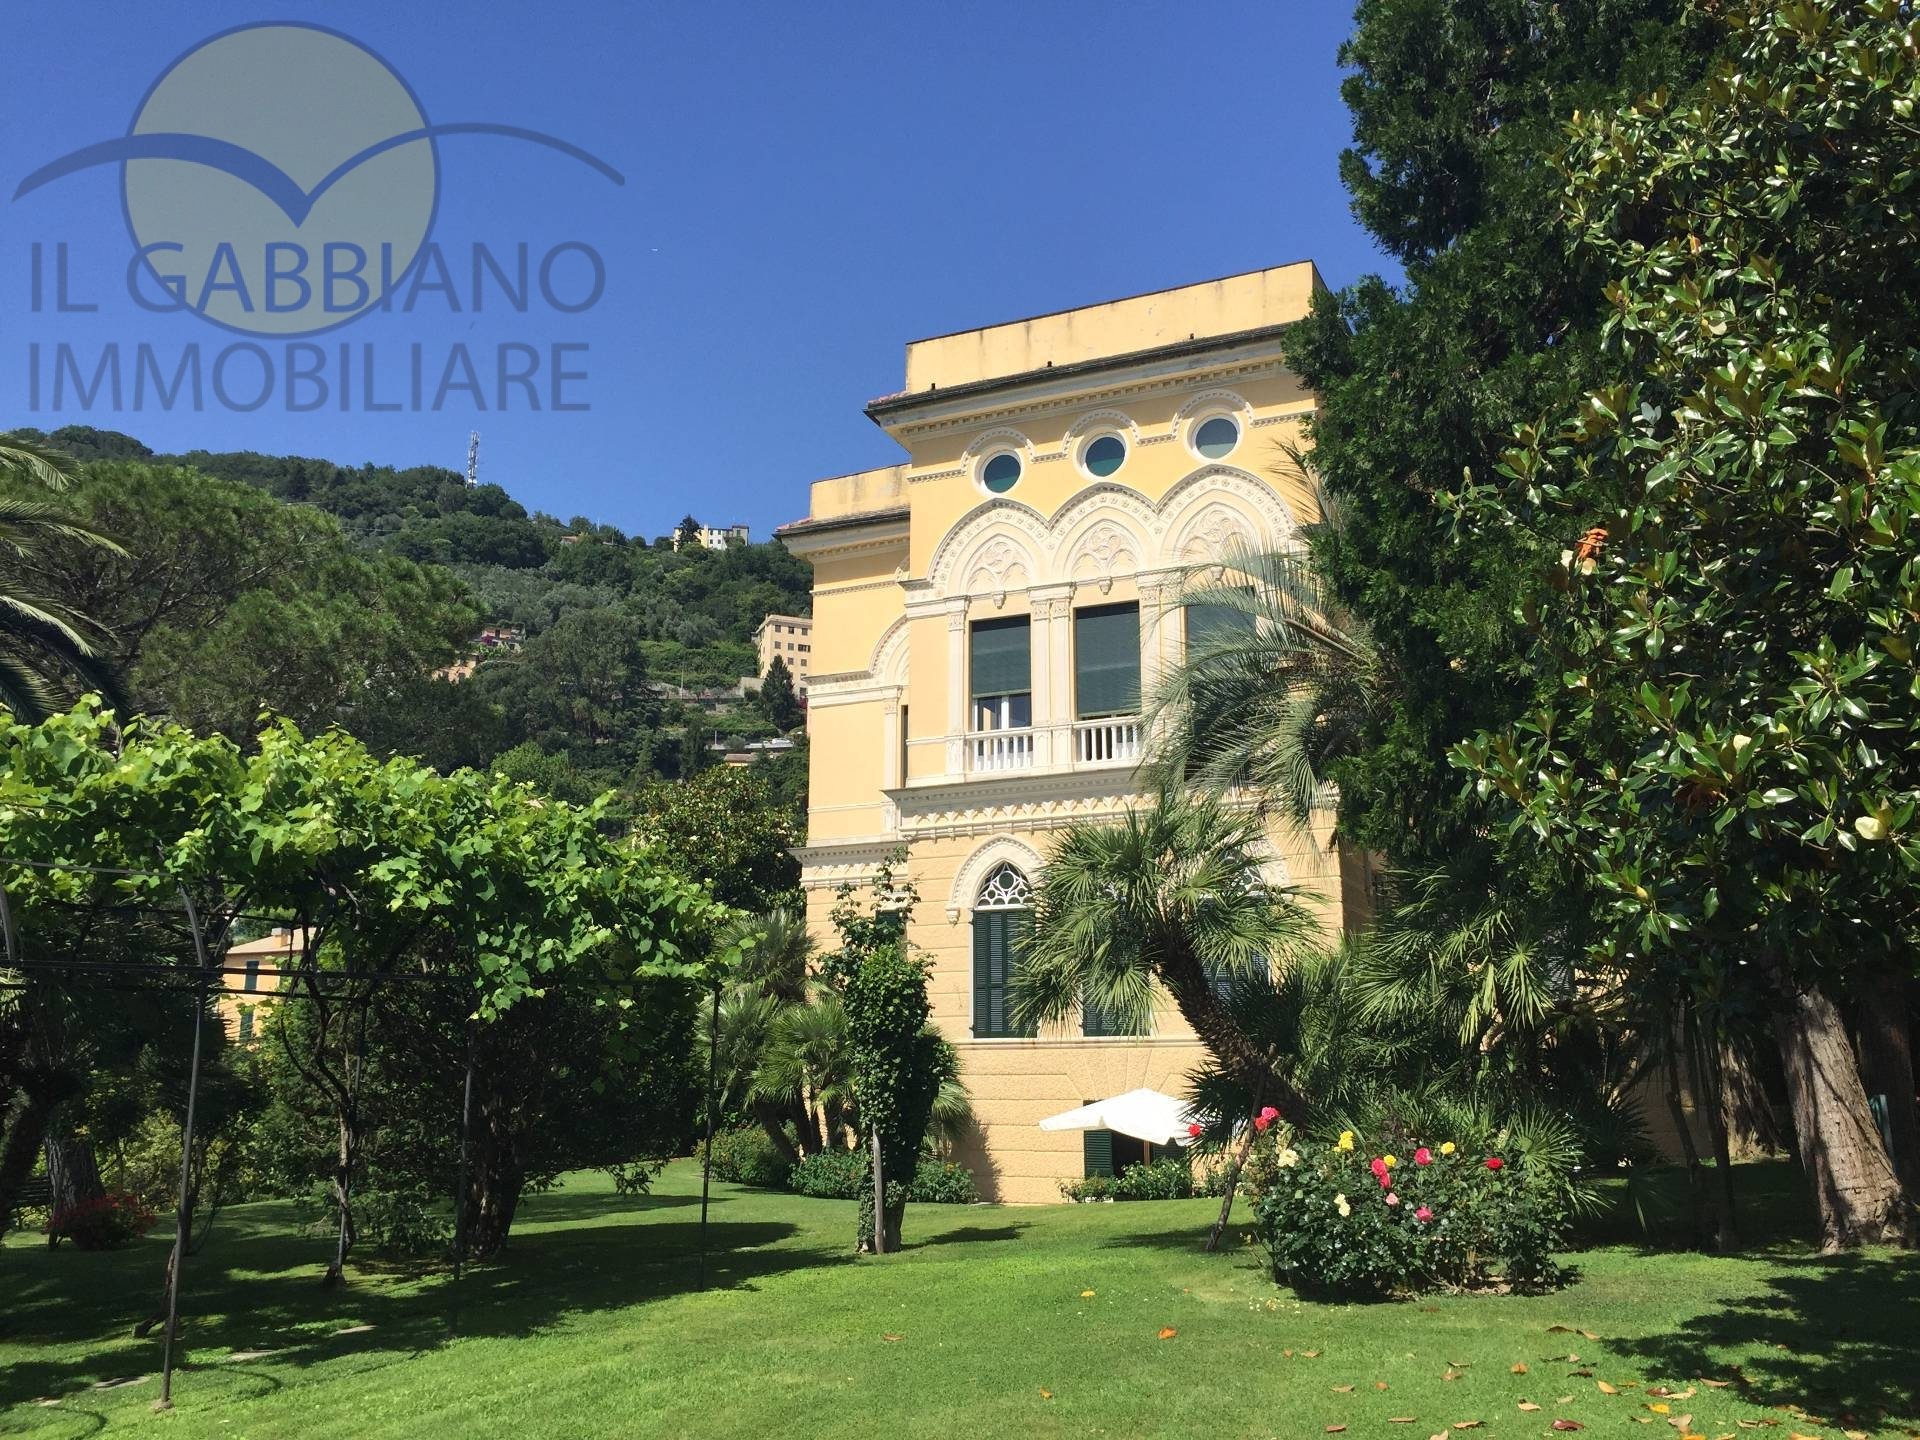 Appartamento in affitto a Camogli, 6 locali, zona Località: Boschetto, prezzo € 1.600 | Cambio Casa.it